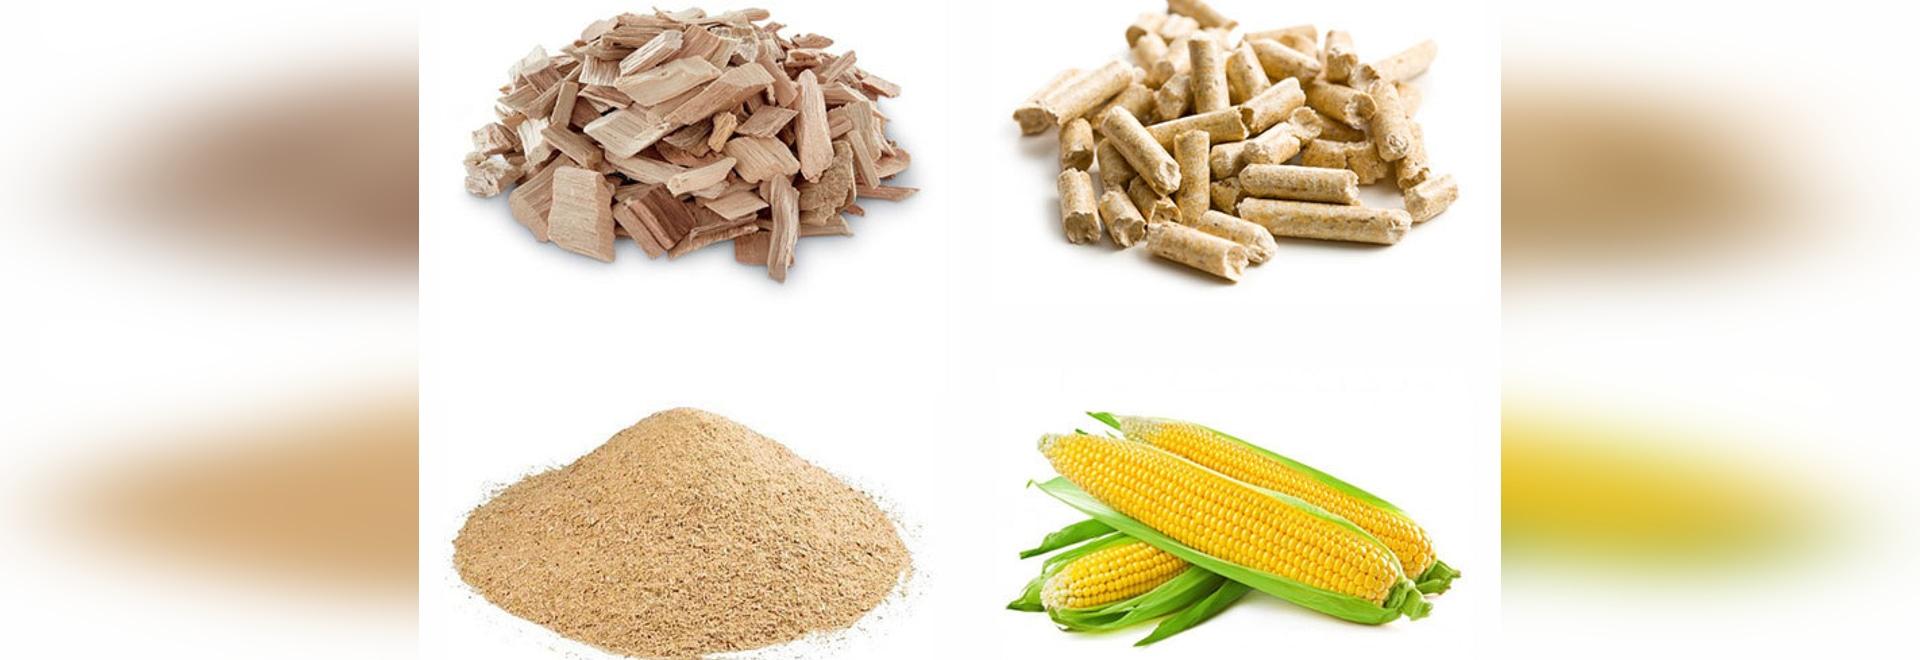 Les déchets de bois/granules en bois/ont vu la poussière/herbe/maïs